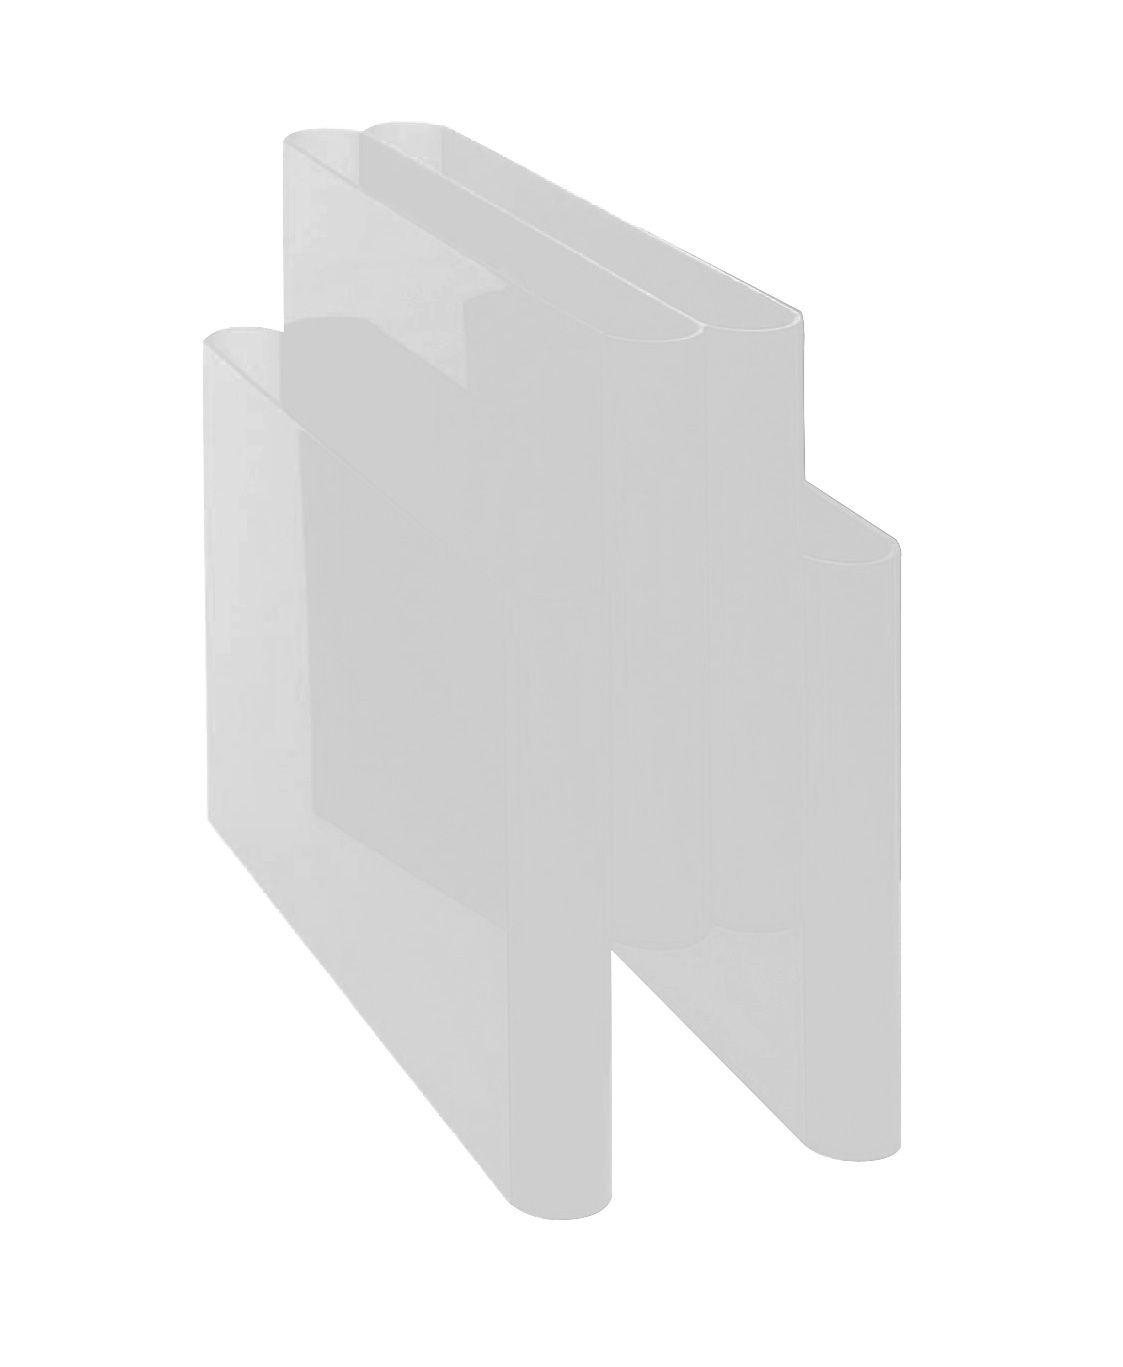 Dekoration - Körbe und Ablagen - Zeitungsständer - Kartell - Kristall - PMMA